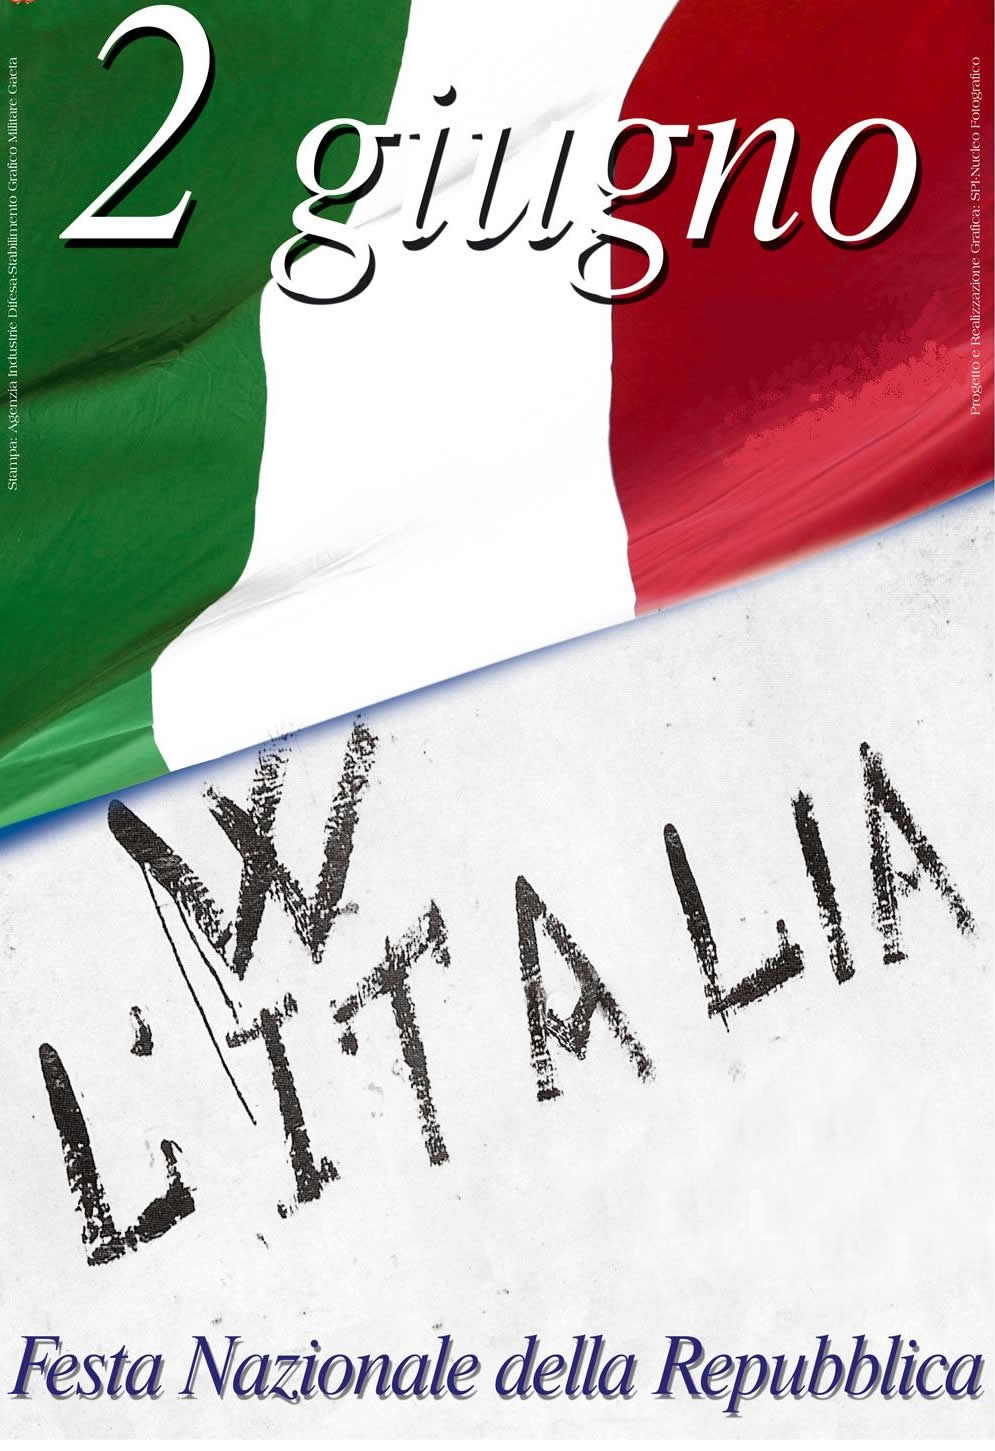 Festa della Repubblica Italiana 2017 ละมุน ยมะคุปต์